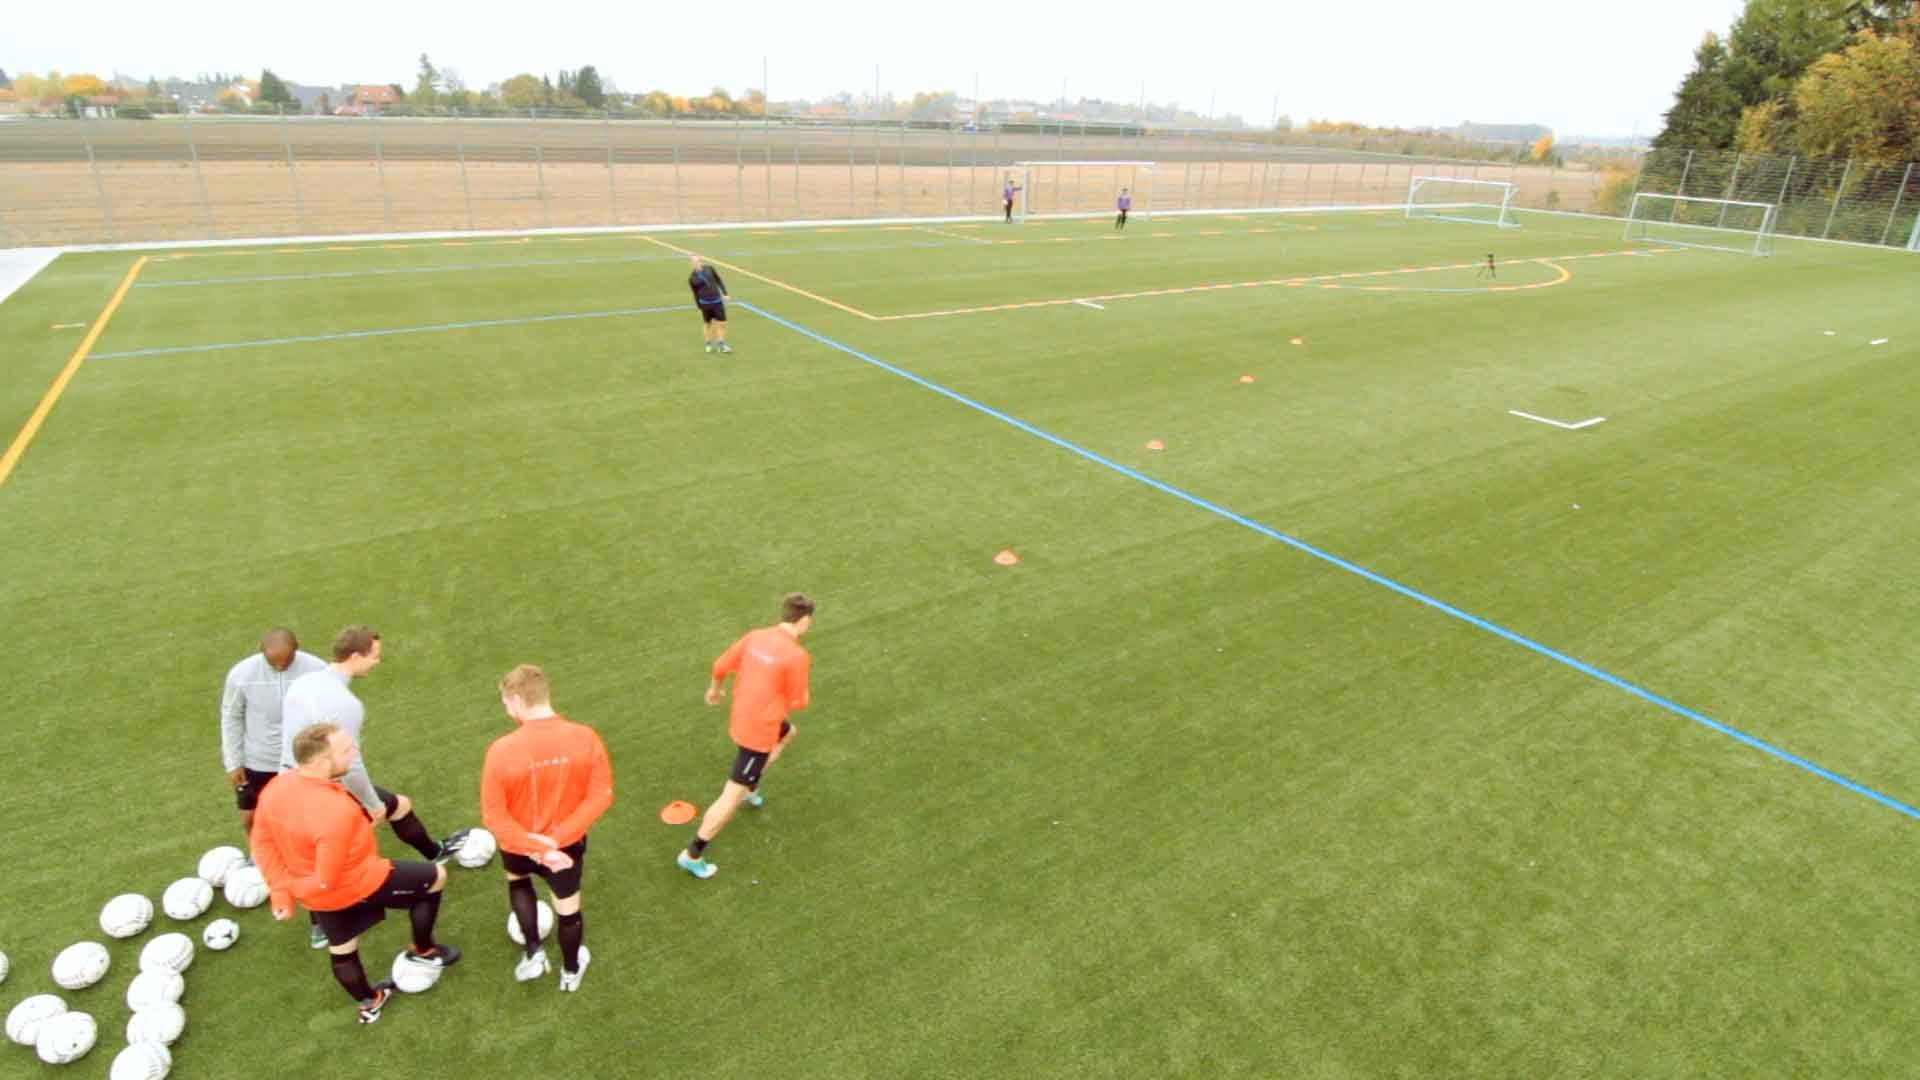 Fußballübung: Der Pass in die Tiefe